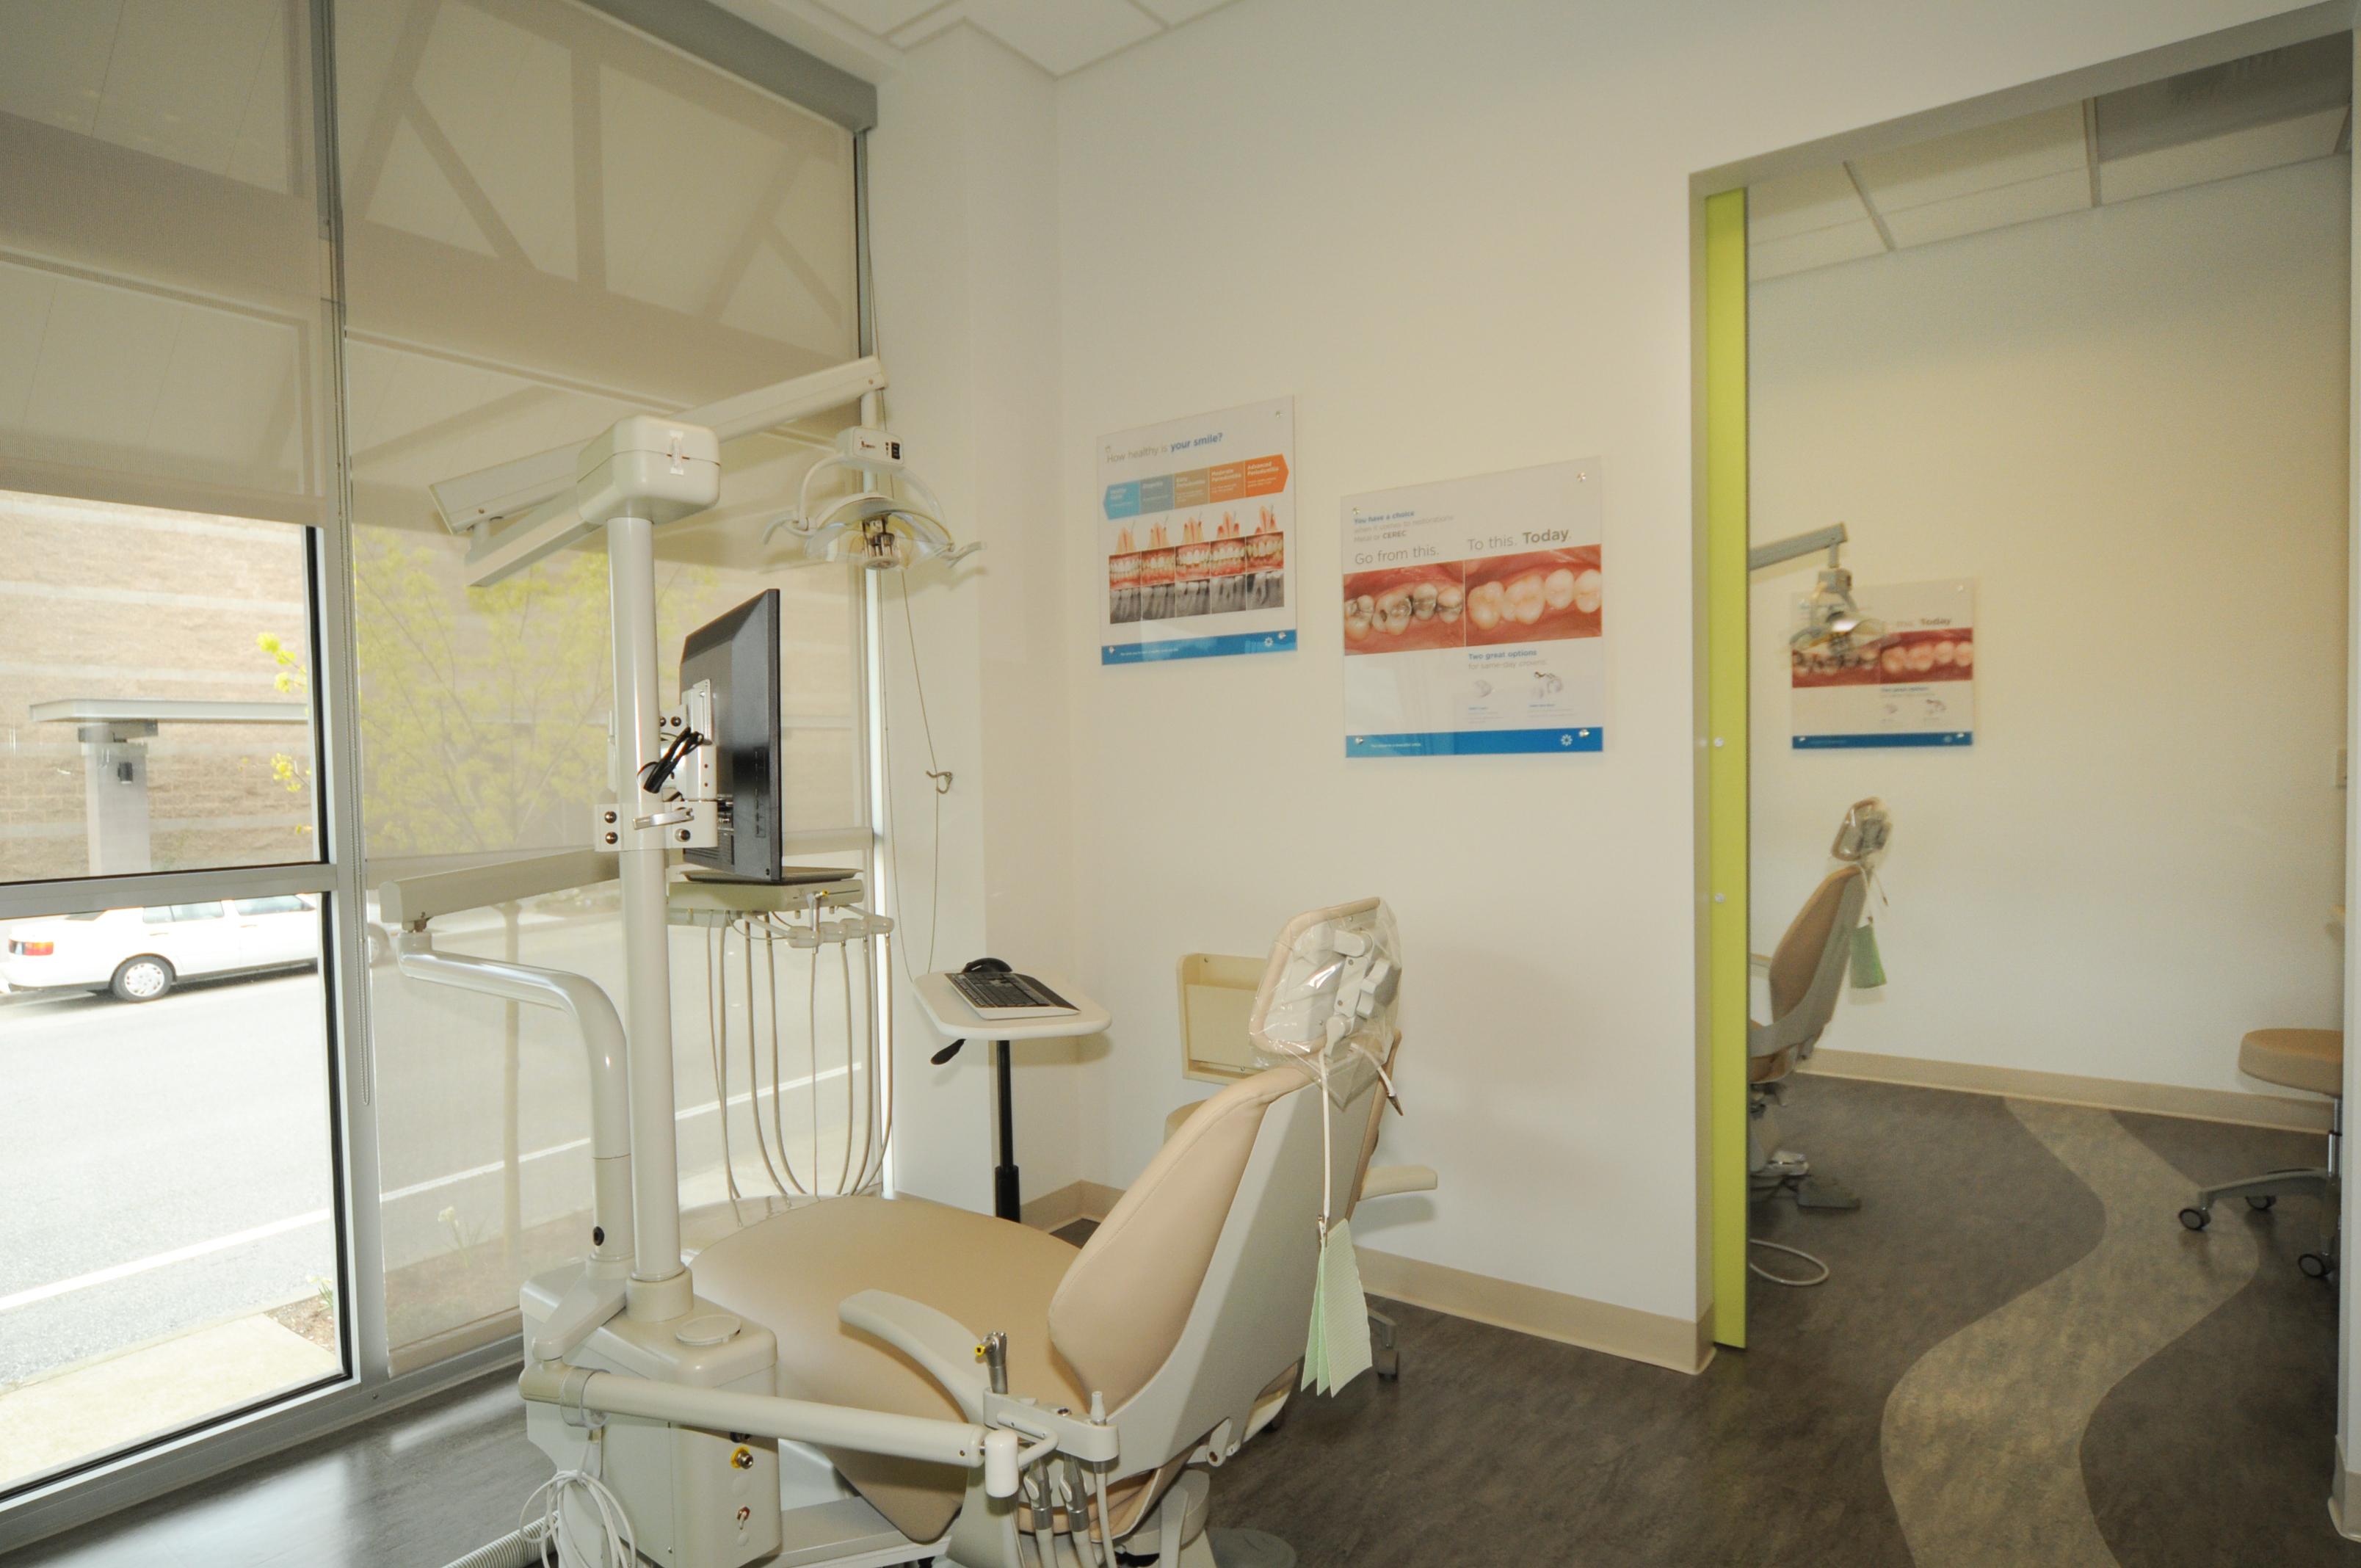 Issaquah Highlands Dental Group image 13